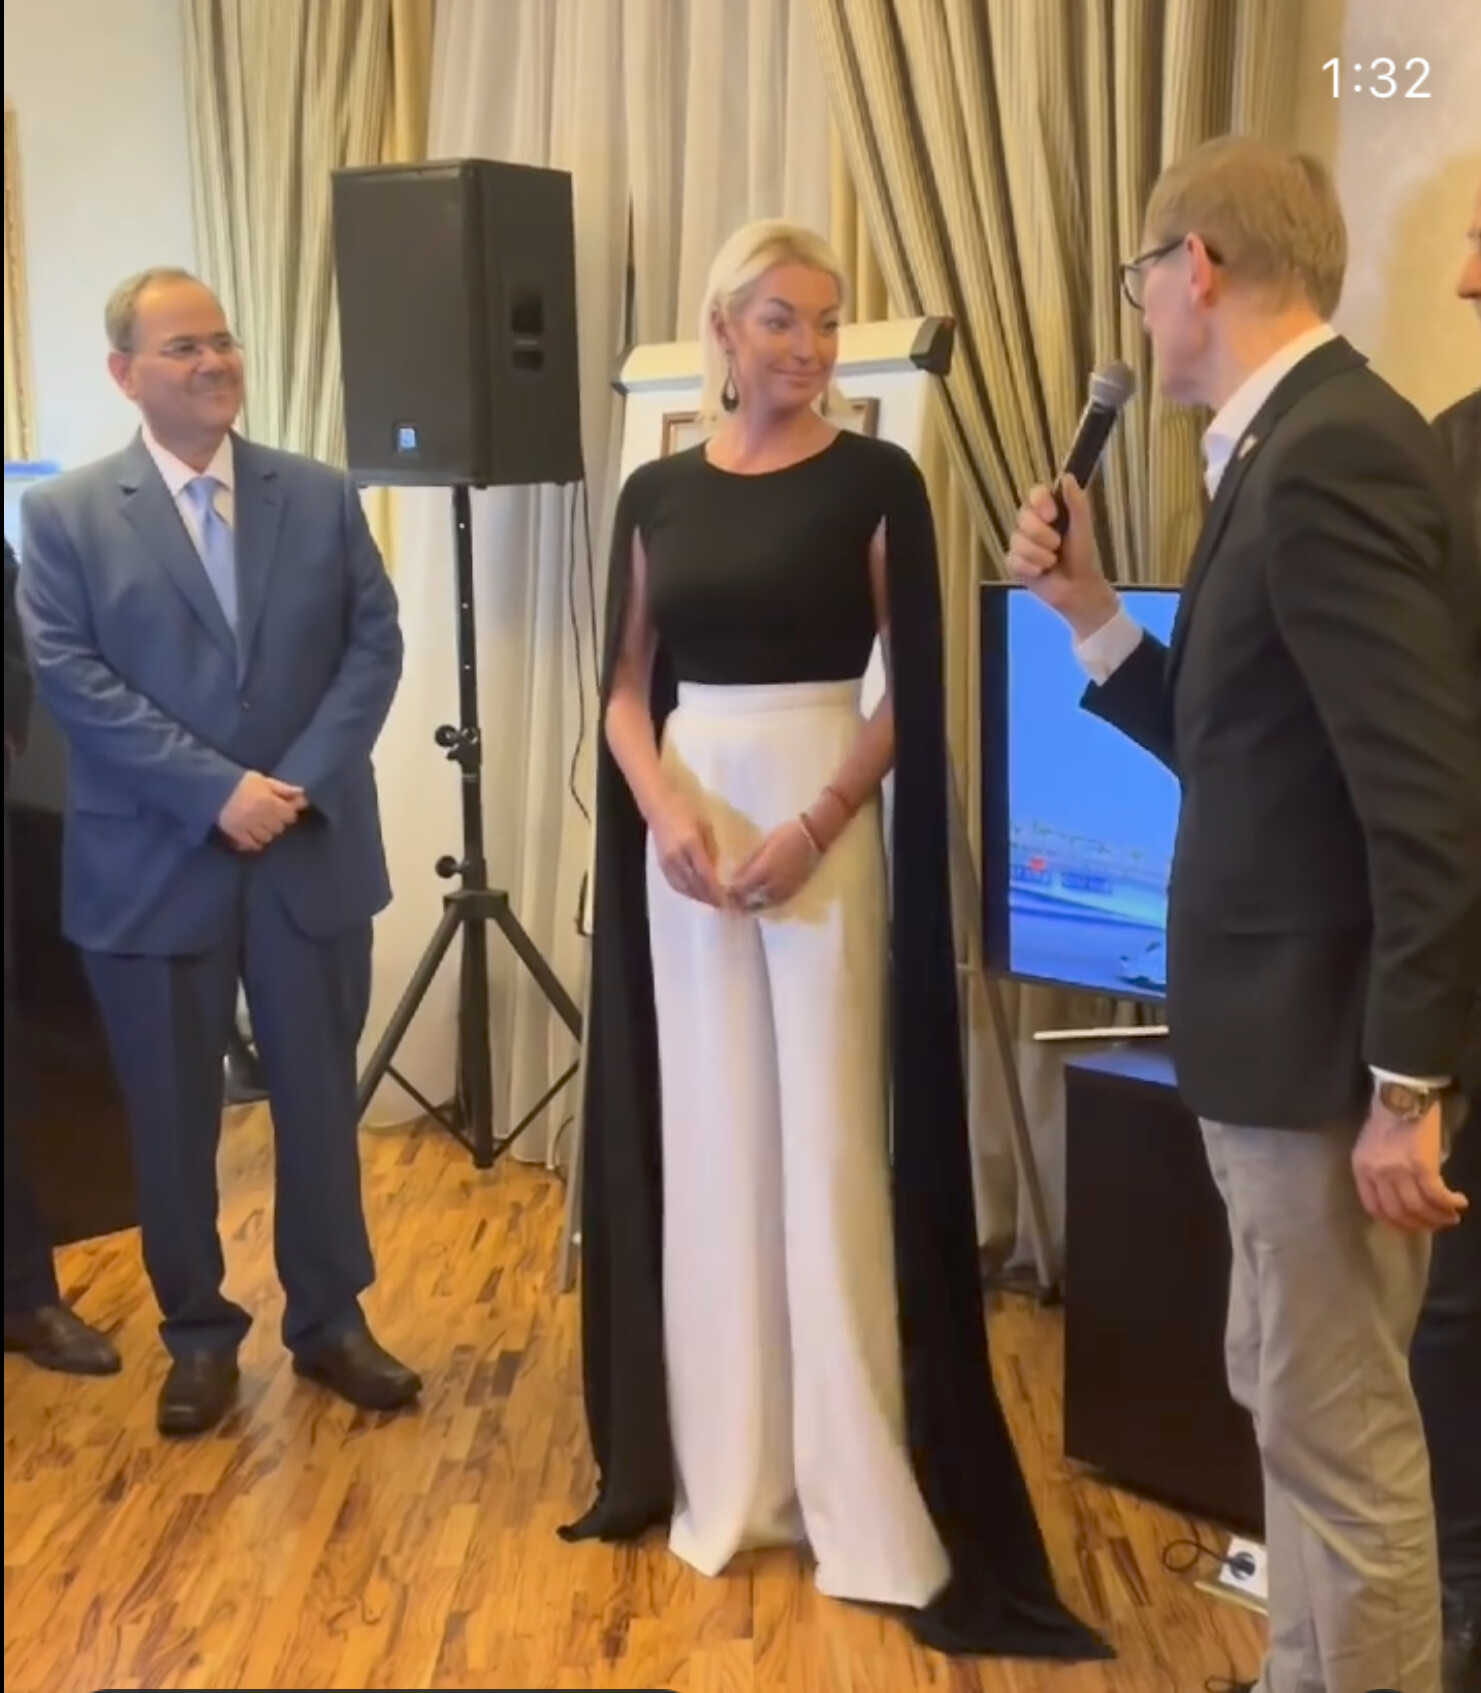 «Невероятно»: в сети обсуждают эффектное появление Анастасии Волочковой в Посольстве королевства Бахрейн